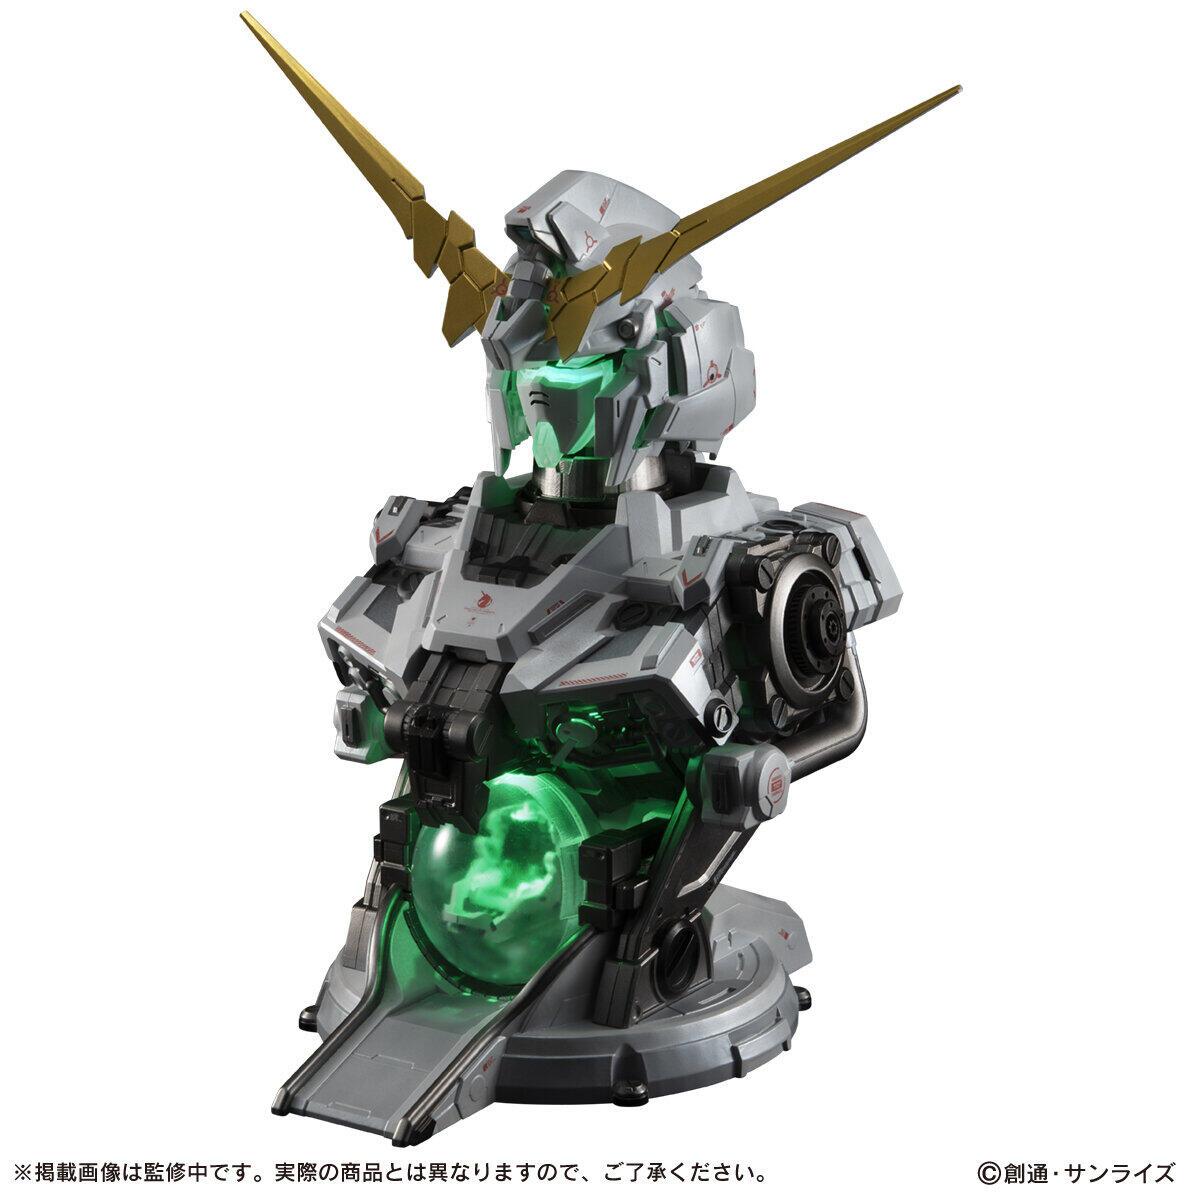 「ユニコーンガンダム」がガシャポンマシンに 変形&発光ギミック搭載